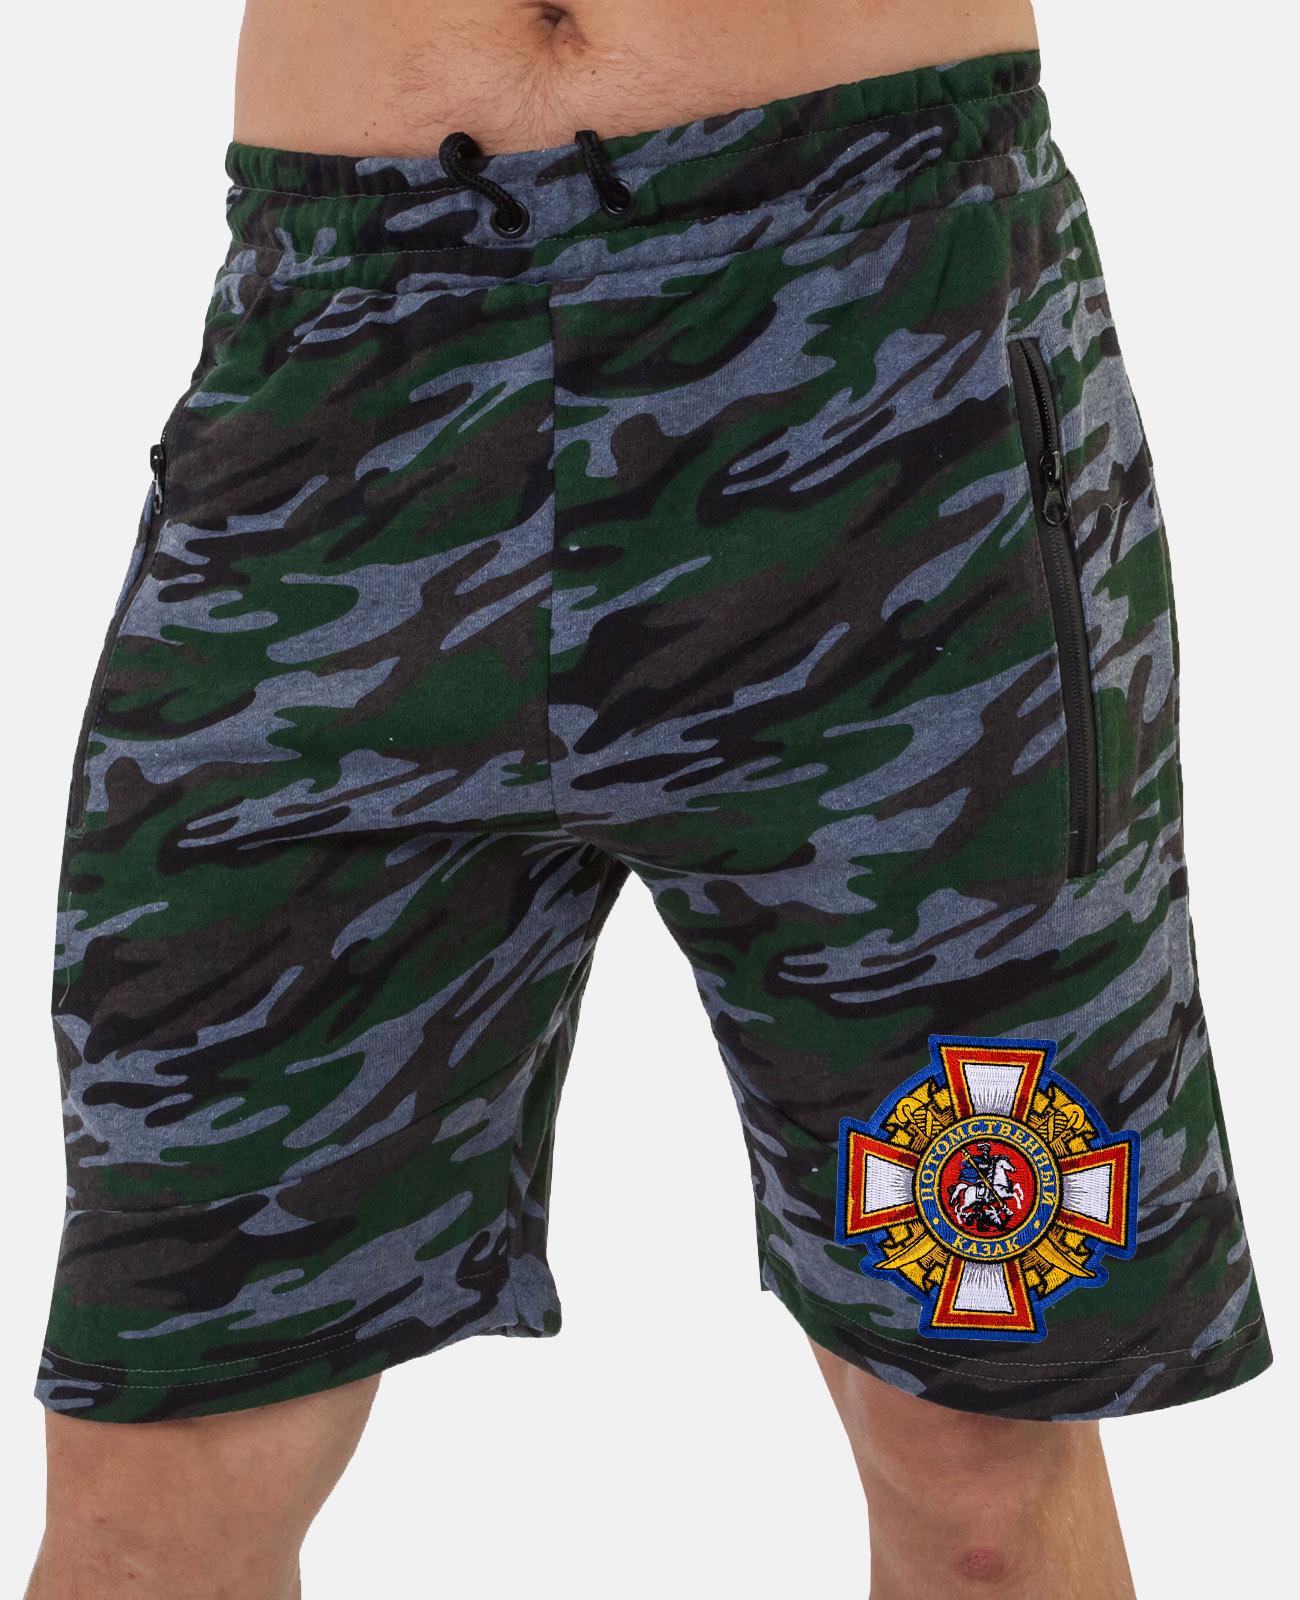 Мужские хлопковые шорты с нашивкой с нашивкой Потомственный казак заказать оптом и в розницу